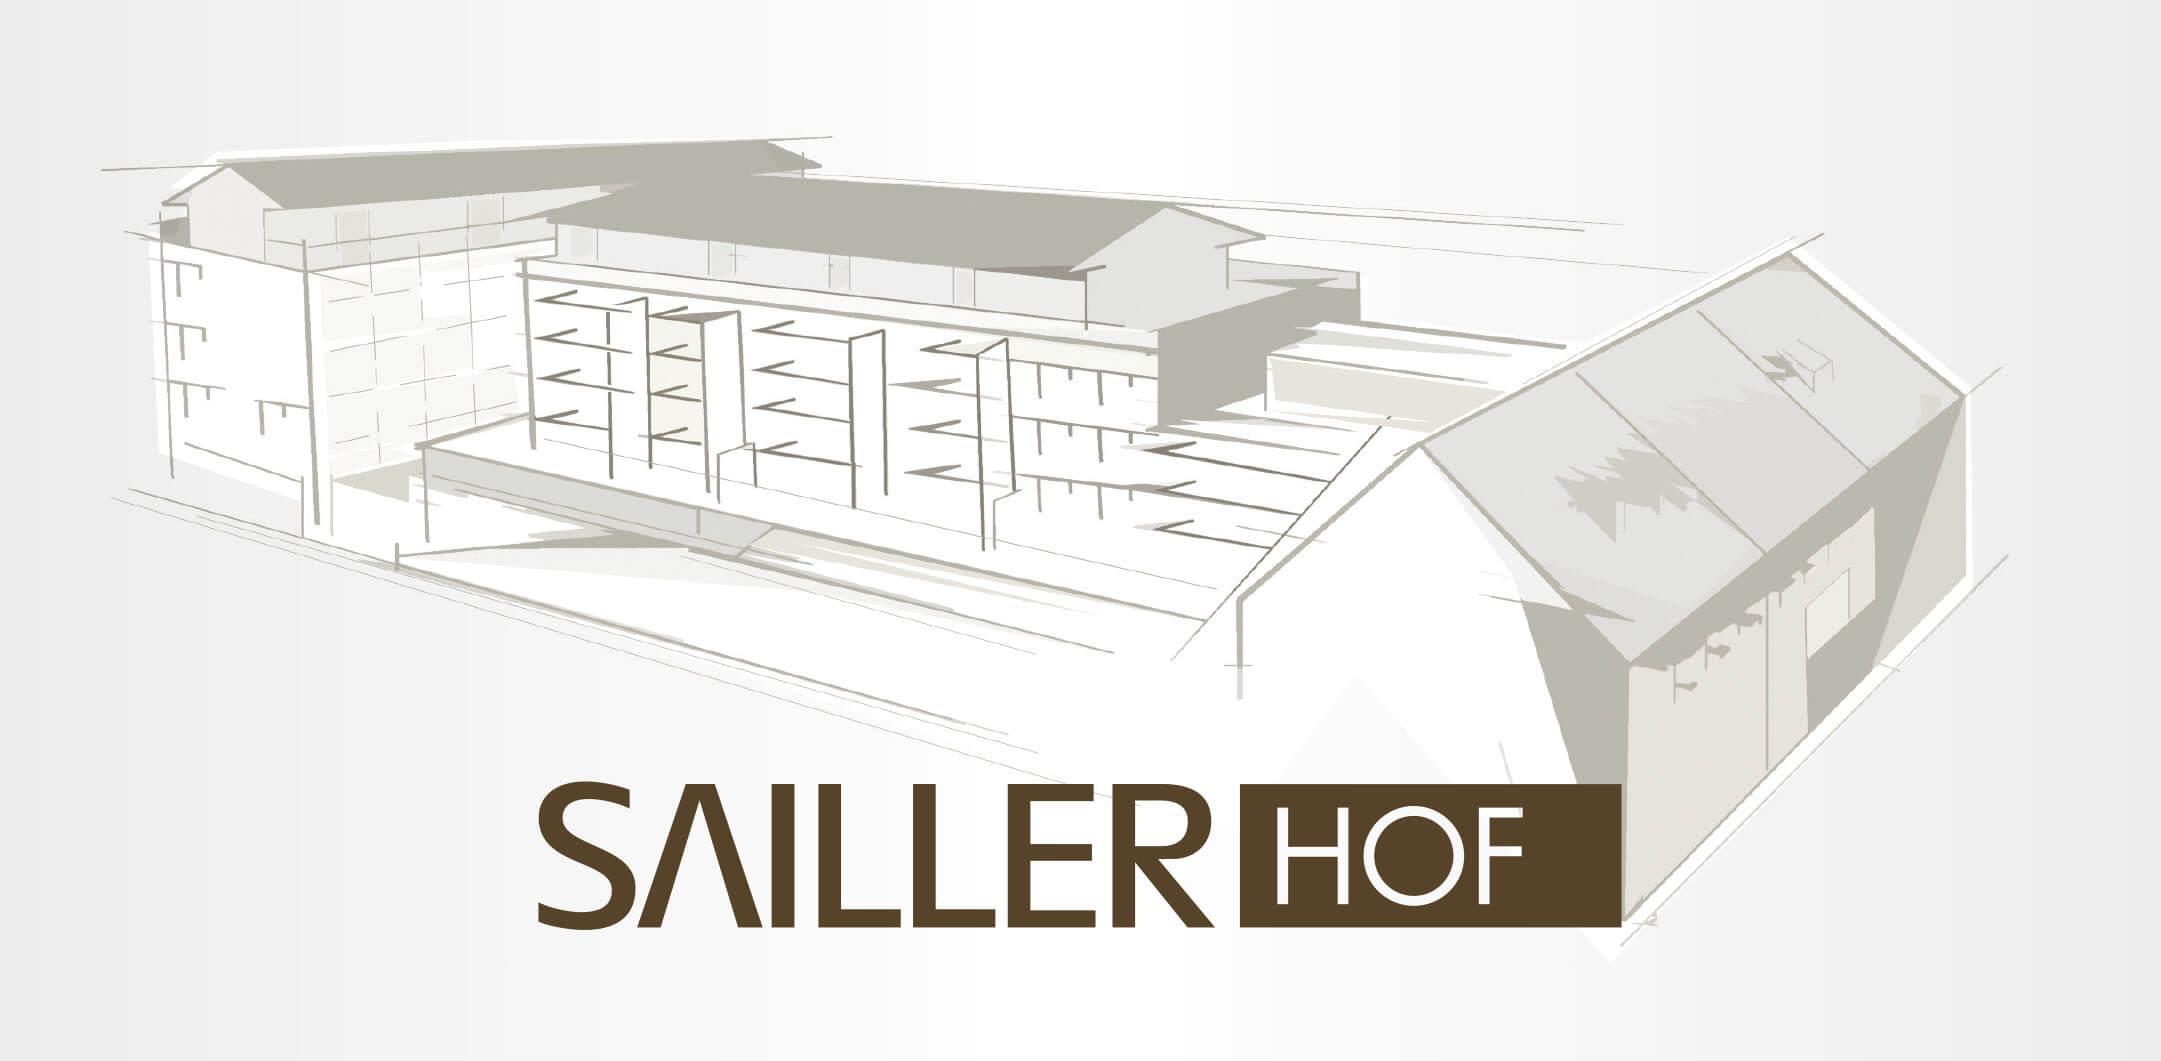 Saillerhof-02